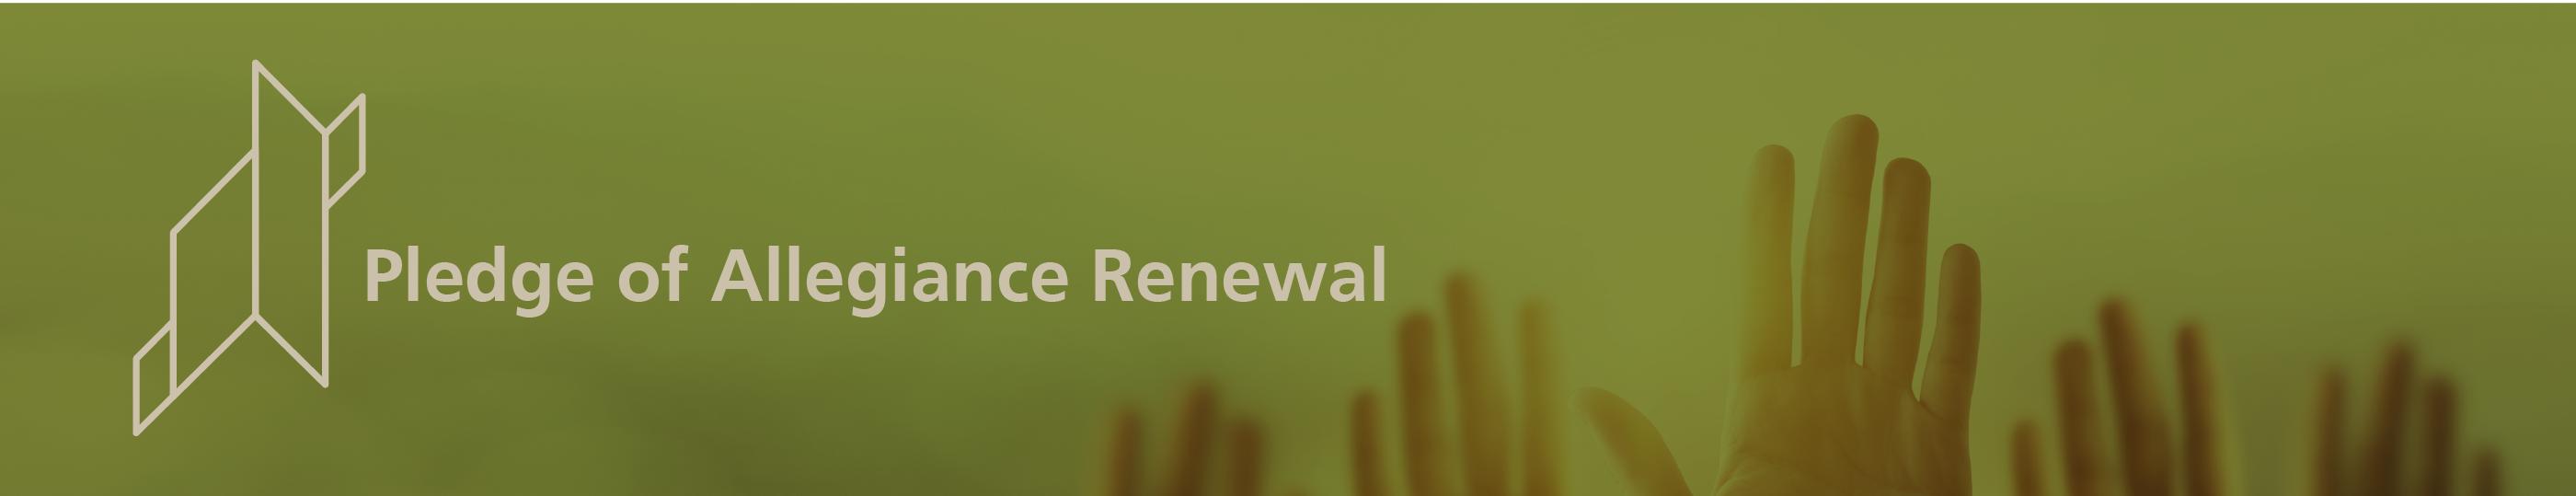 Pledge of Allegiance Renewal